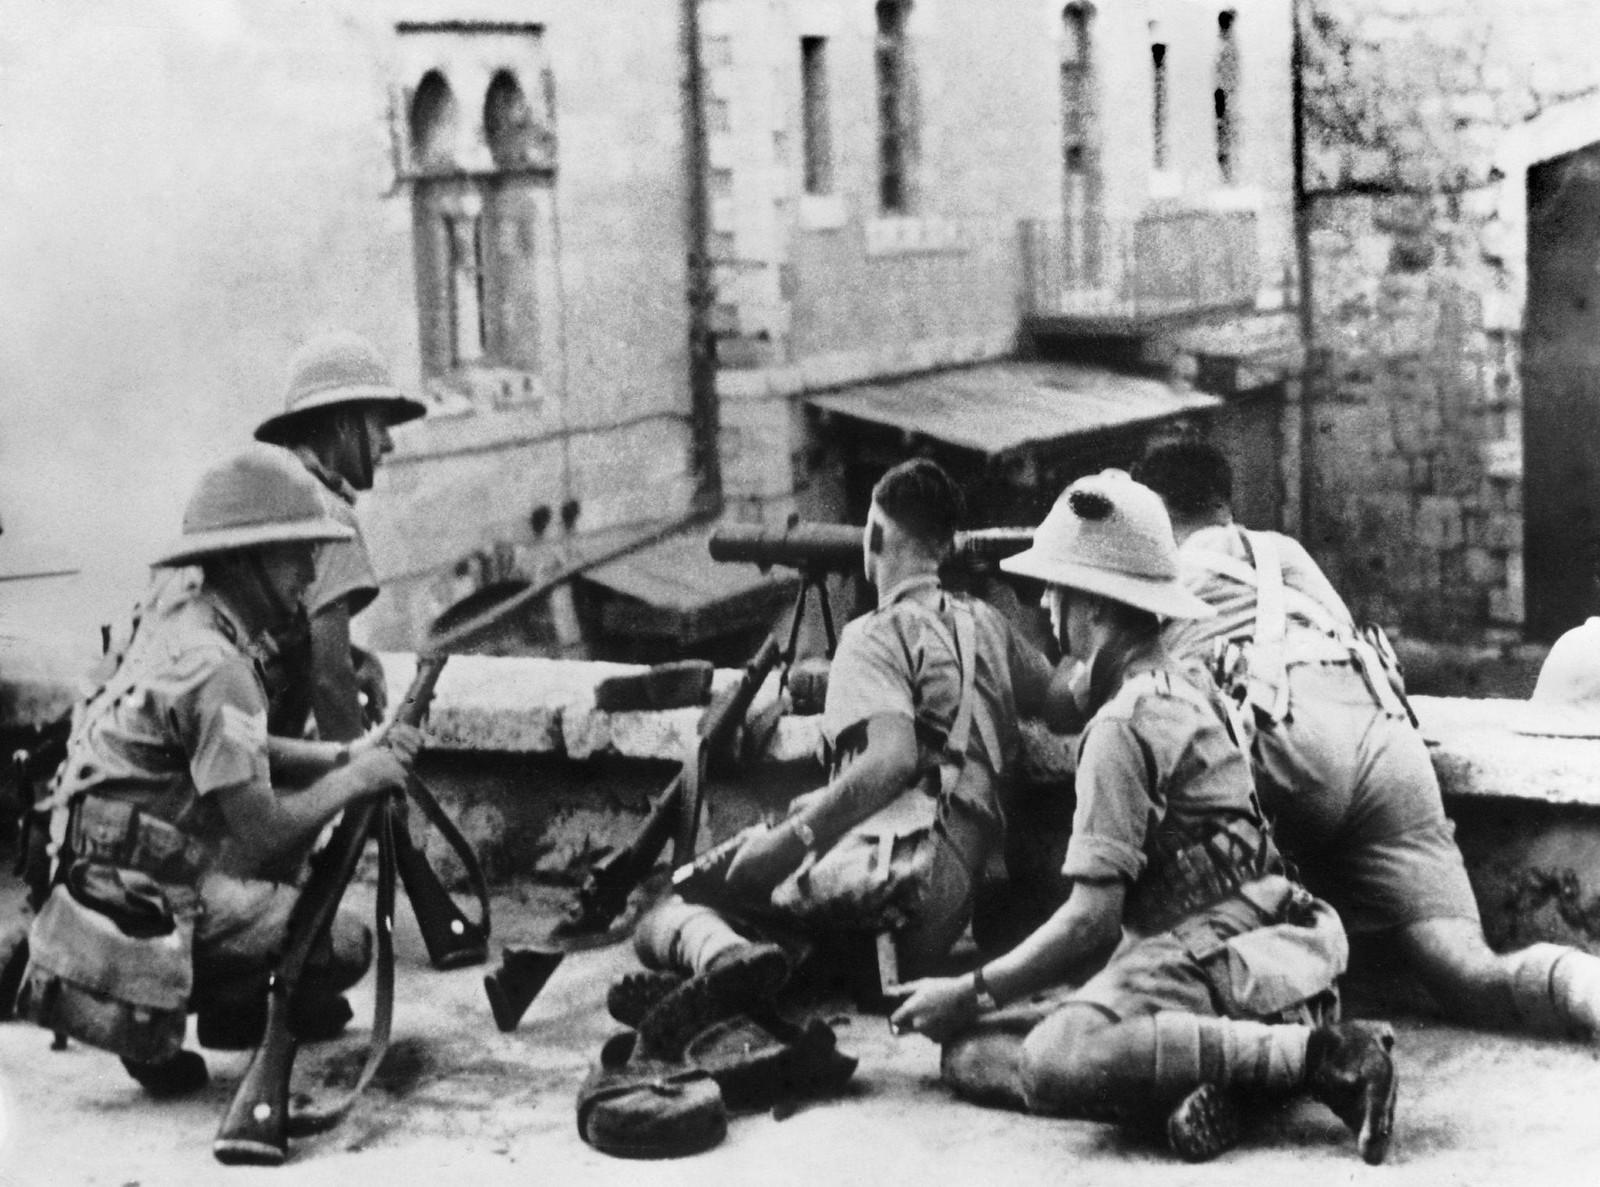 05. 1938. 24 октября Во время операций по захвату арабских районов Иерусалима британские солдаты лежат в засаде на террасе дома на улице Серайл. Решение об этой оккупации было принято после ожесточенных боев между евреями и арабами